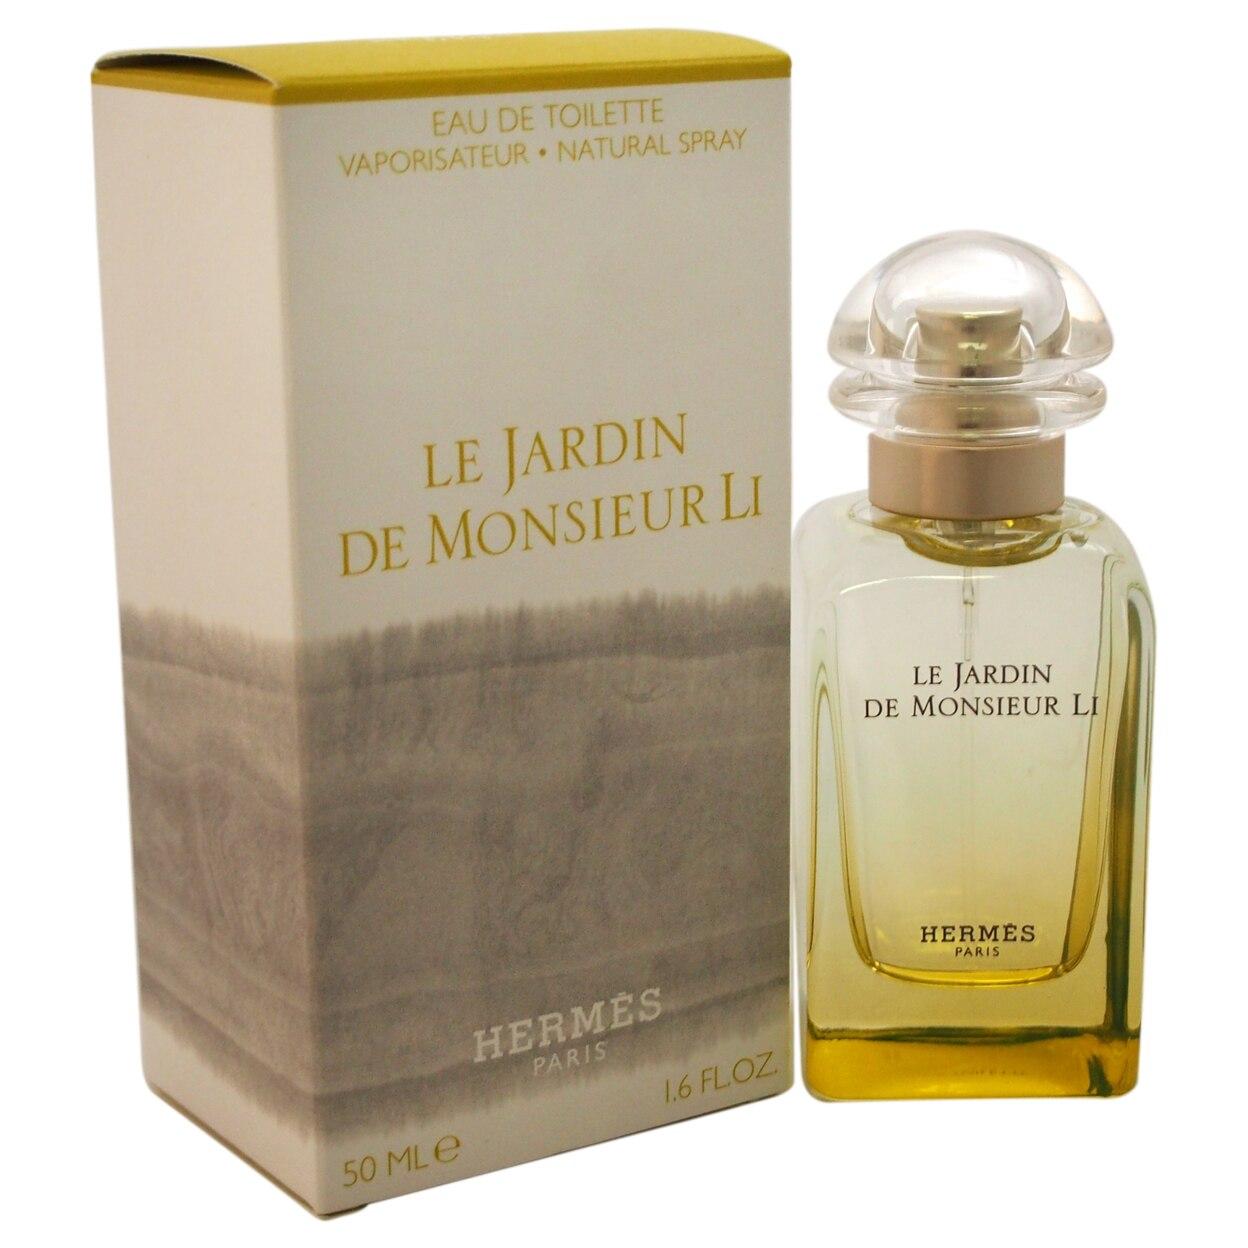 Le Jardin de Monsieur Li by Hermes for Women - 1.6 oz EDT Spray духи hermes parfums hermes le jardin de monsieur li